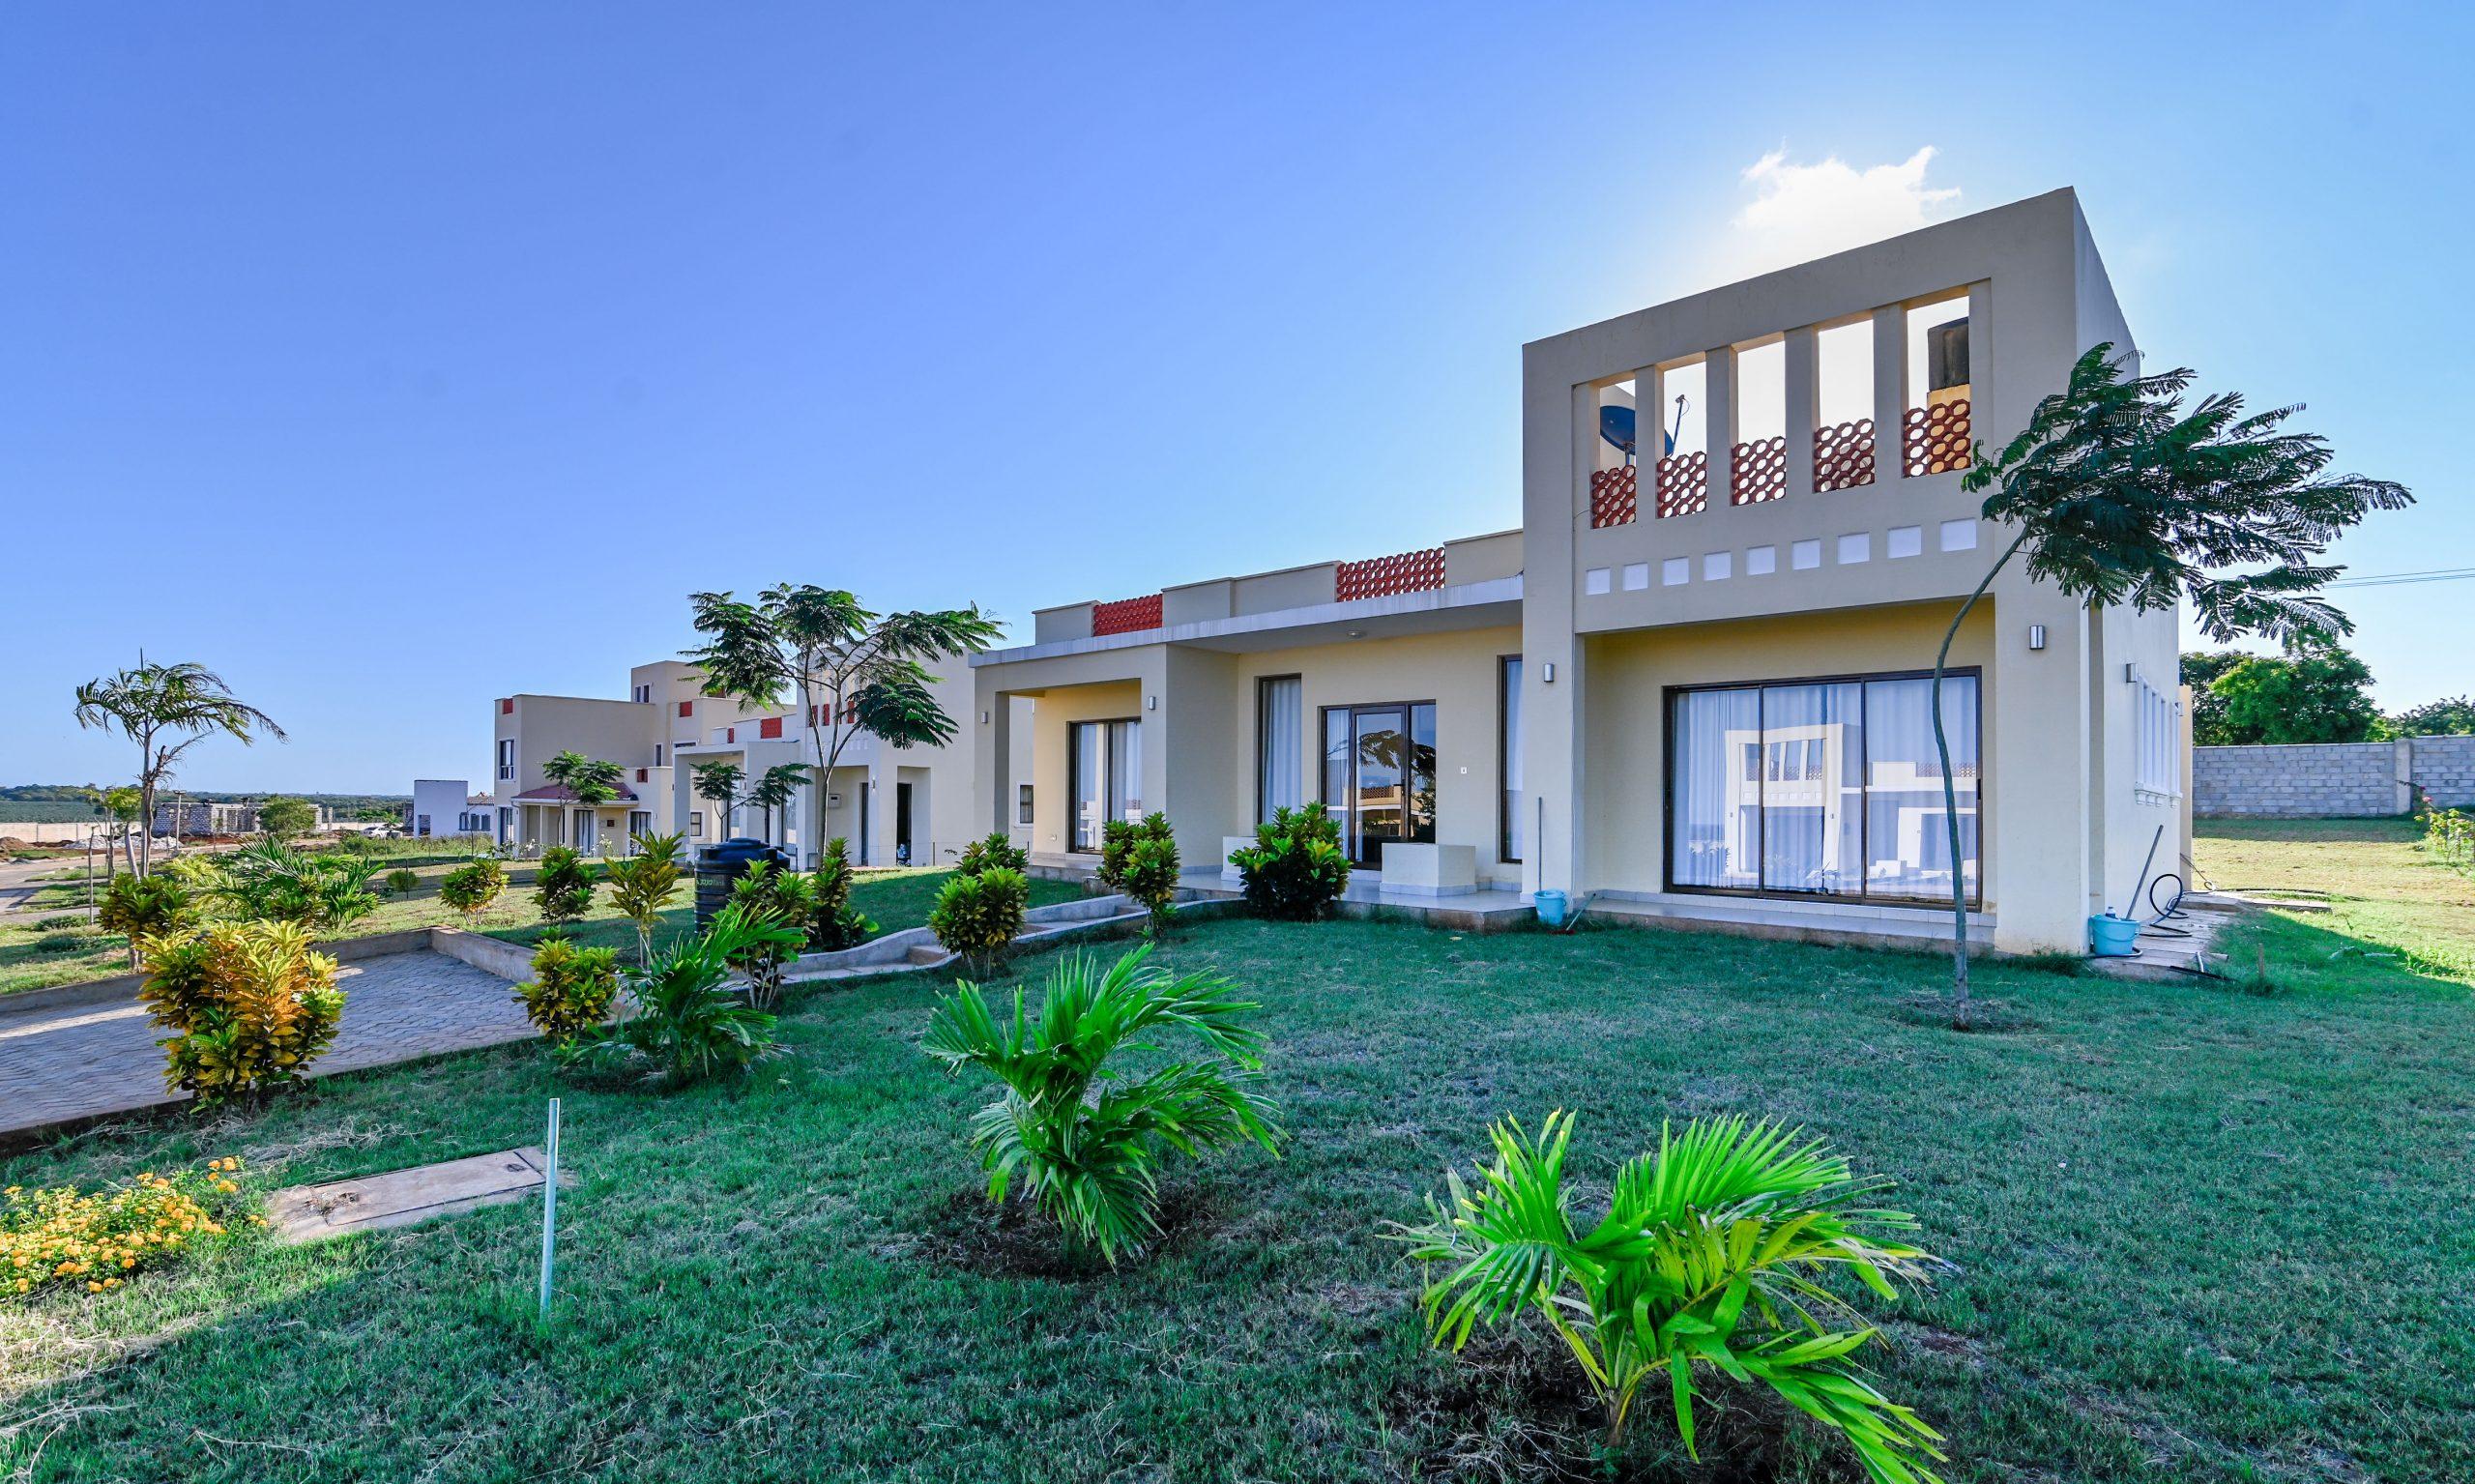 2br Villa for sale at Pazuri Vipingo